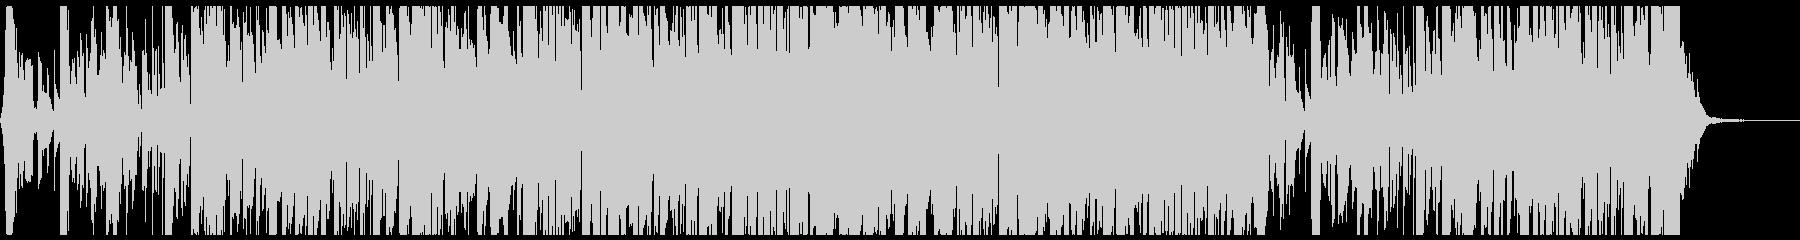 ロングジングルなピアノ系サウンドの未再生の波形